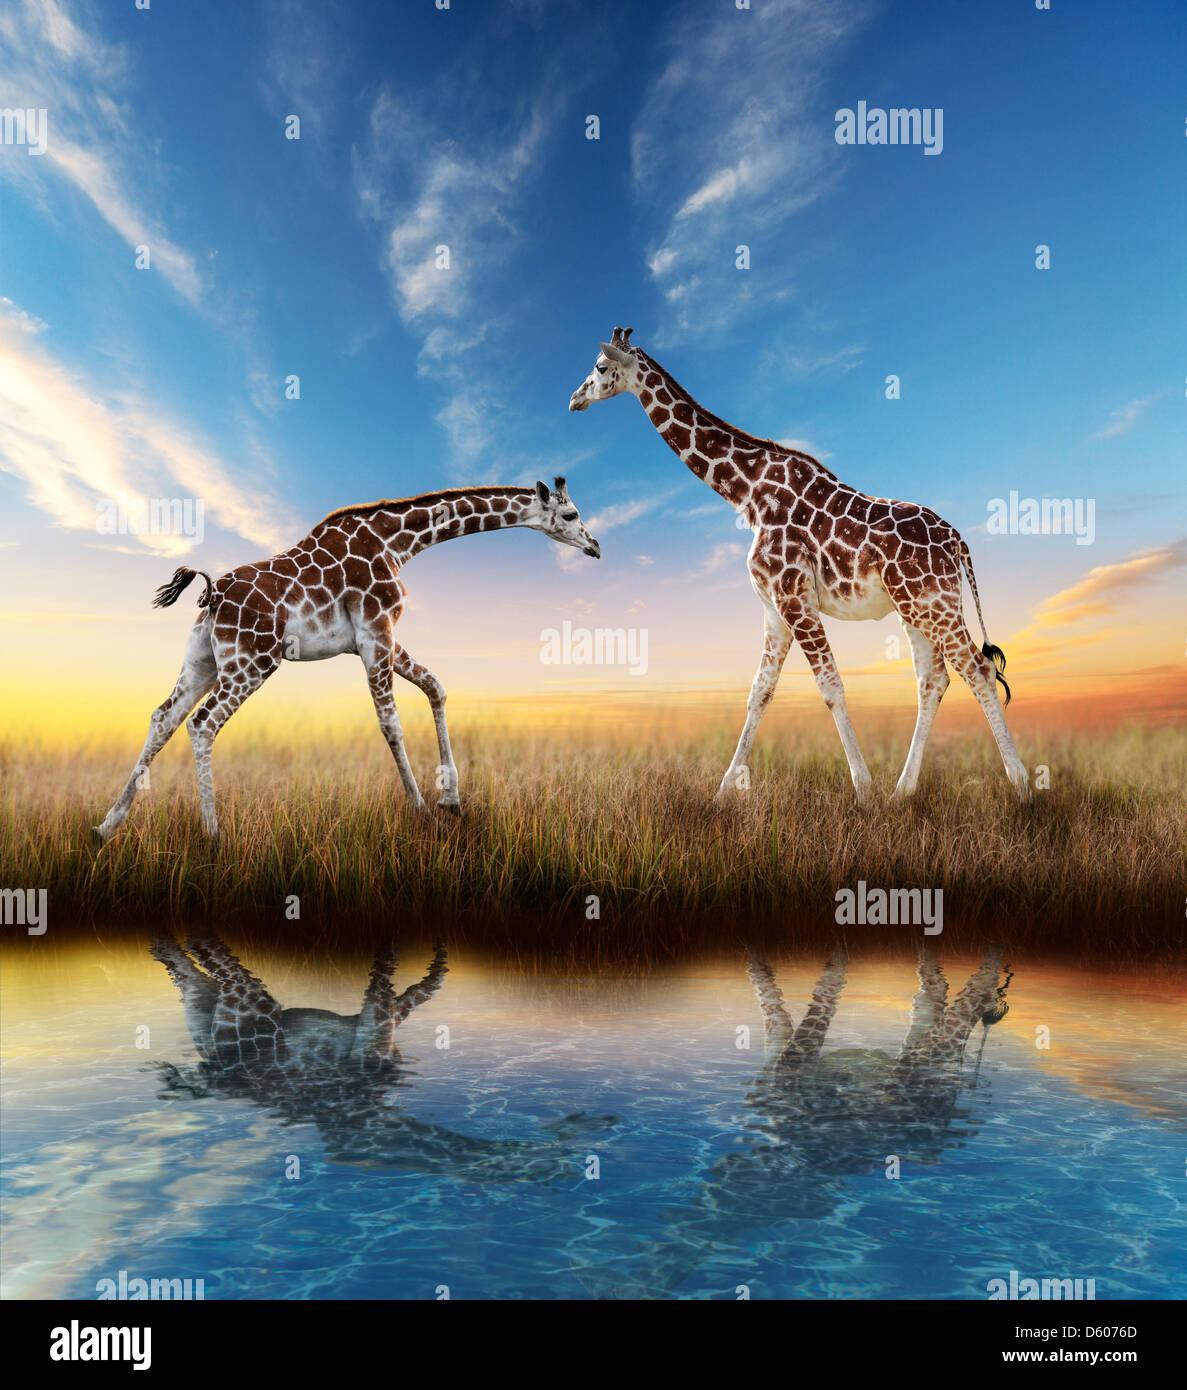 Deux Girafes au coucher du soleil avec de l'eau reflet Photo Stock